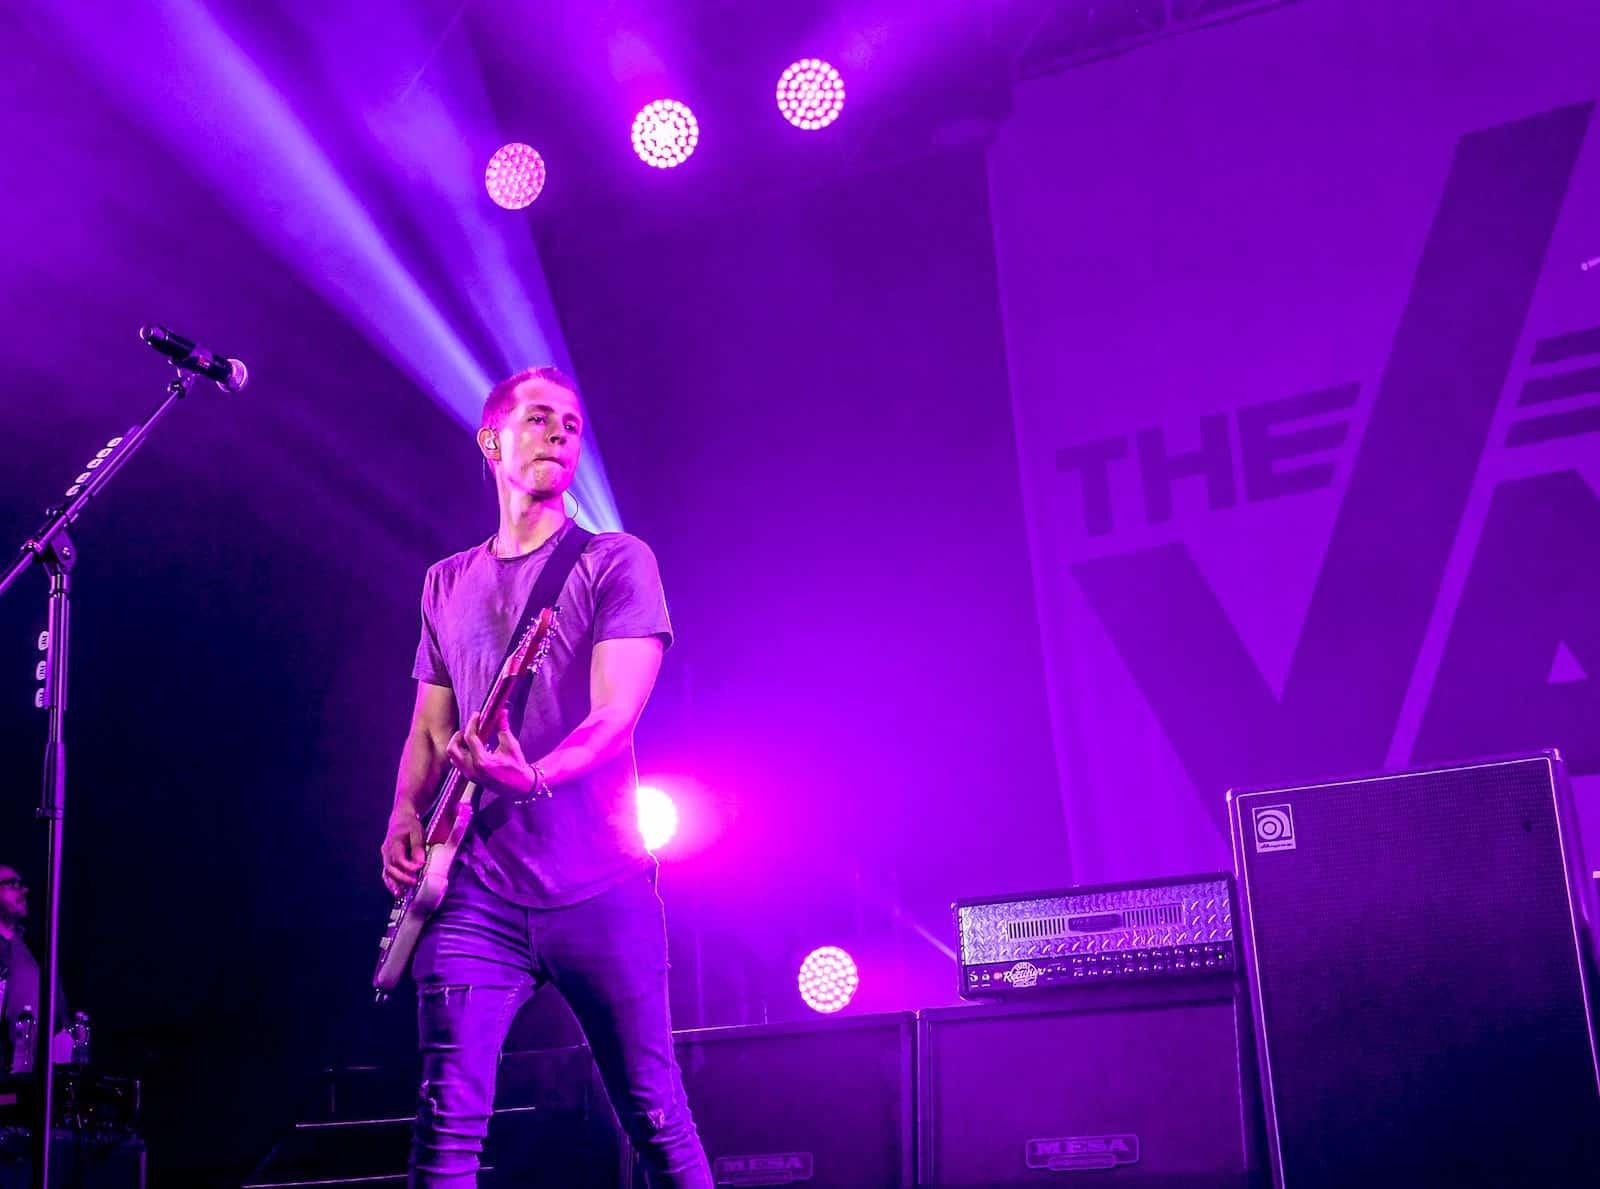 Концерт группы The Vamps в Москве